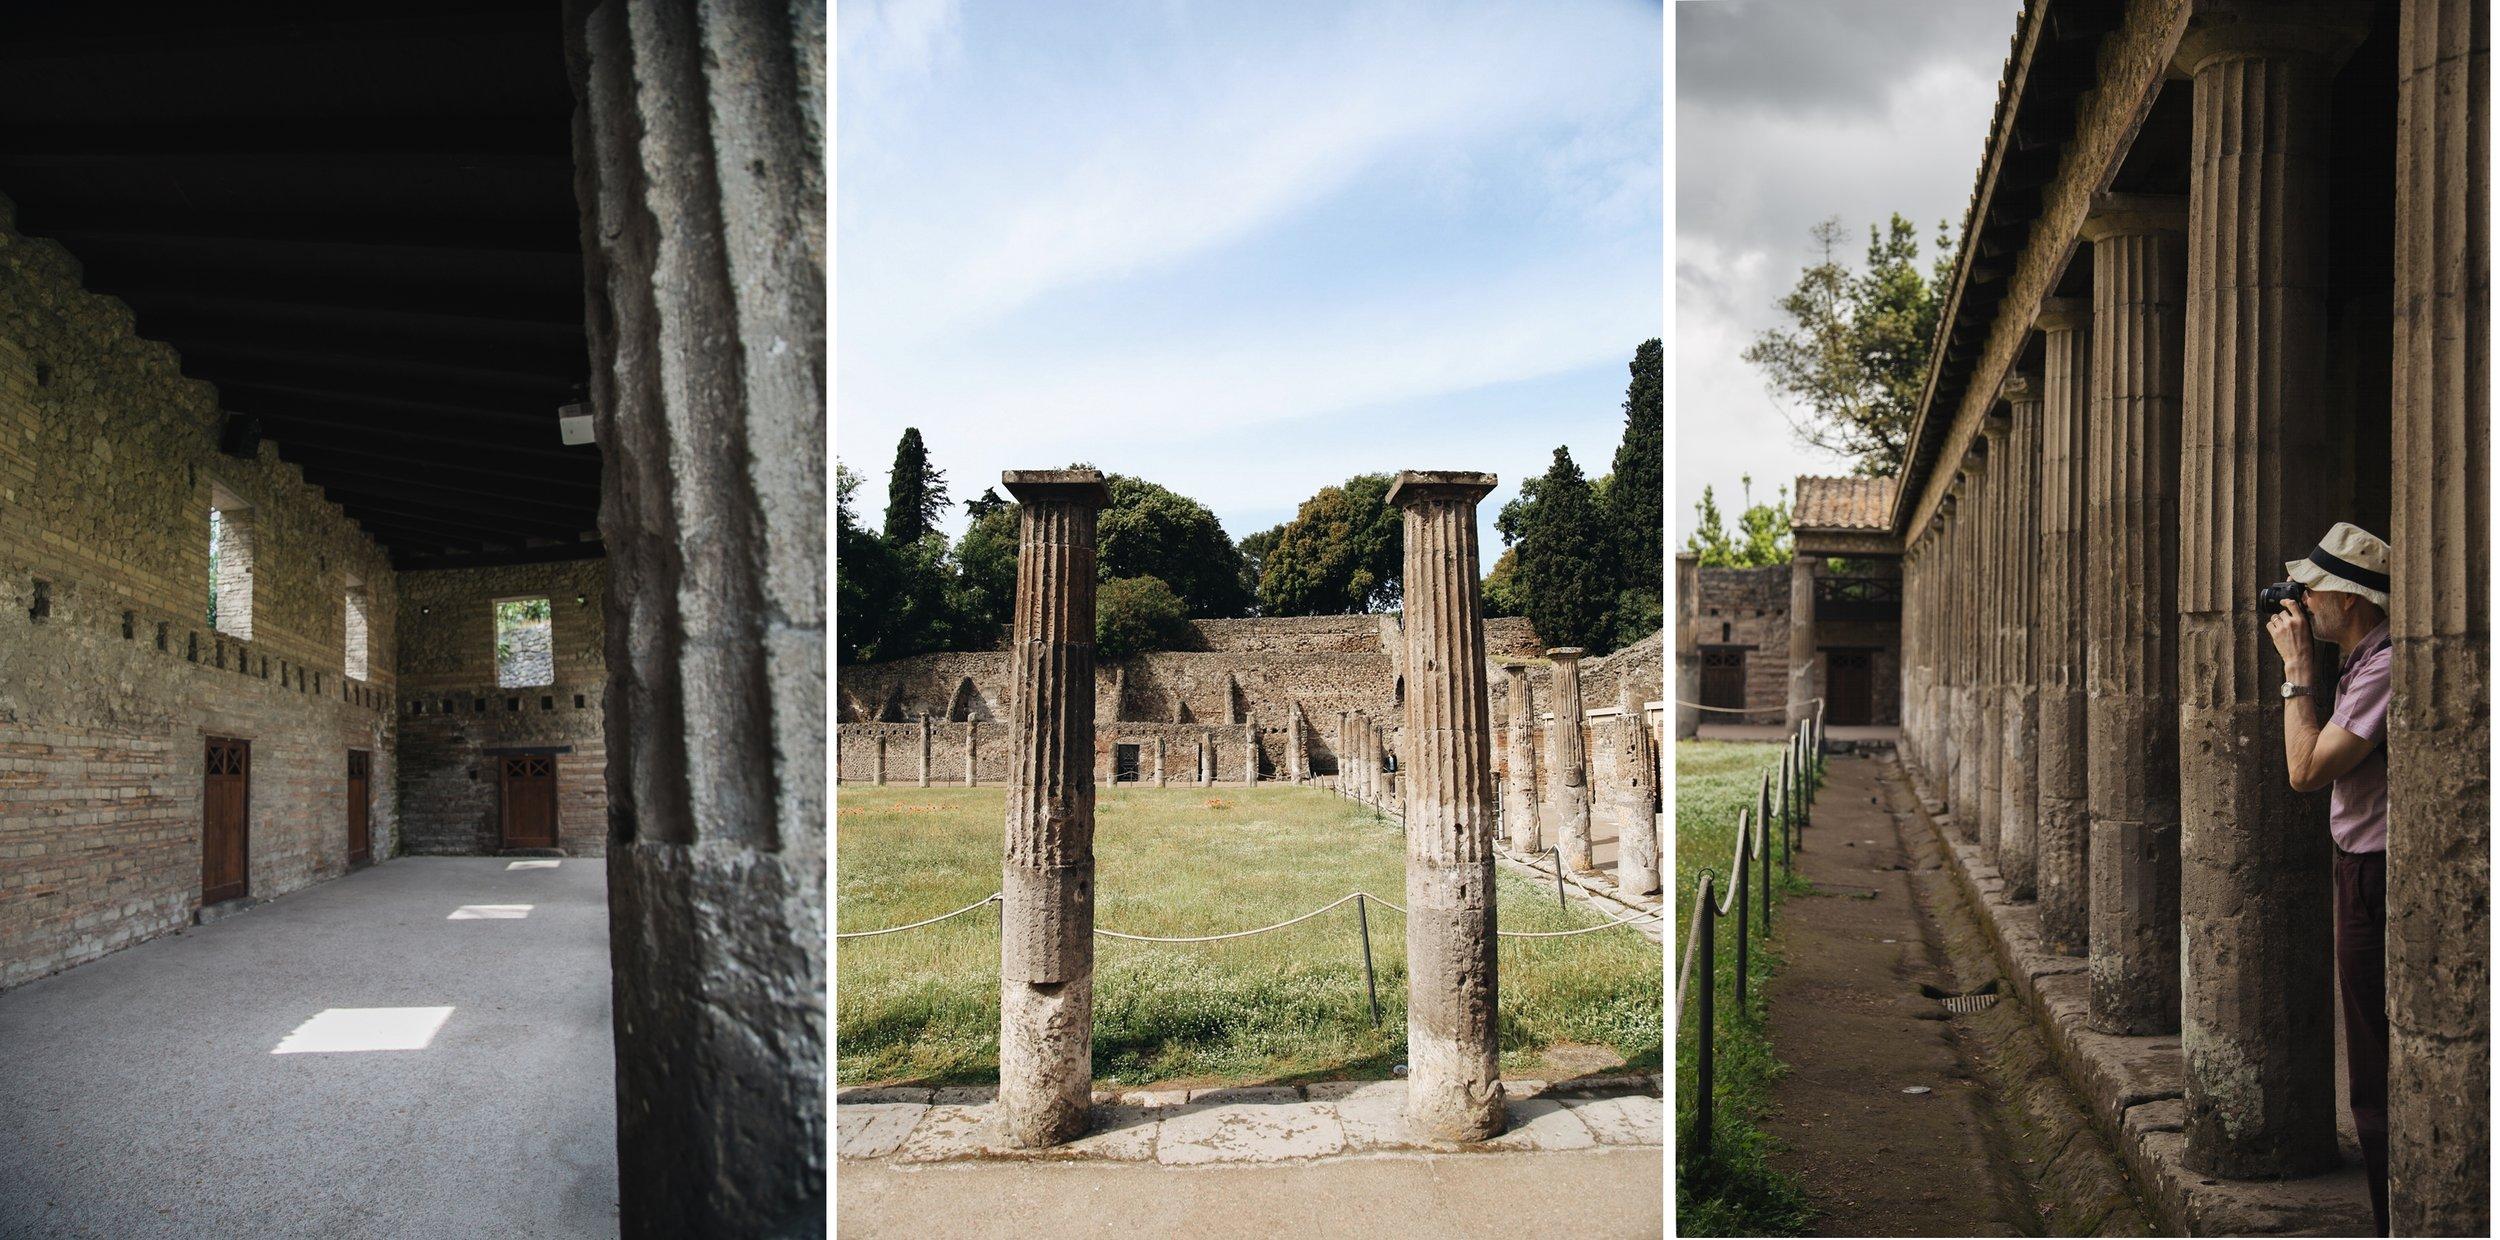 Palestre-gladiateurs-theatre-pompeii-blog-voyage.jpg